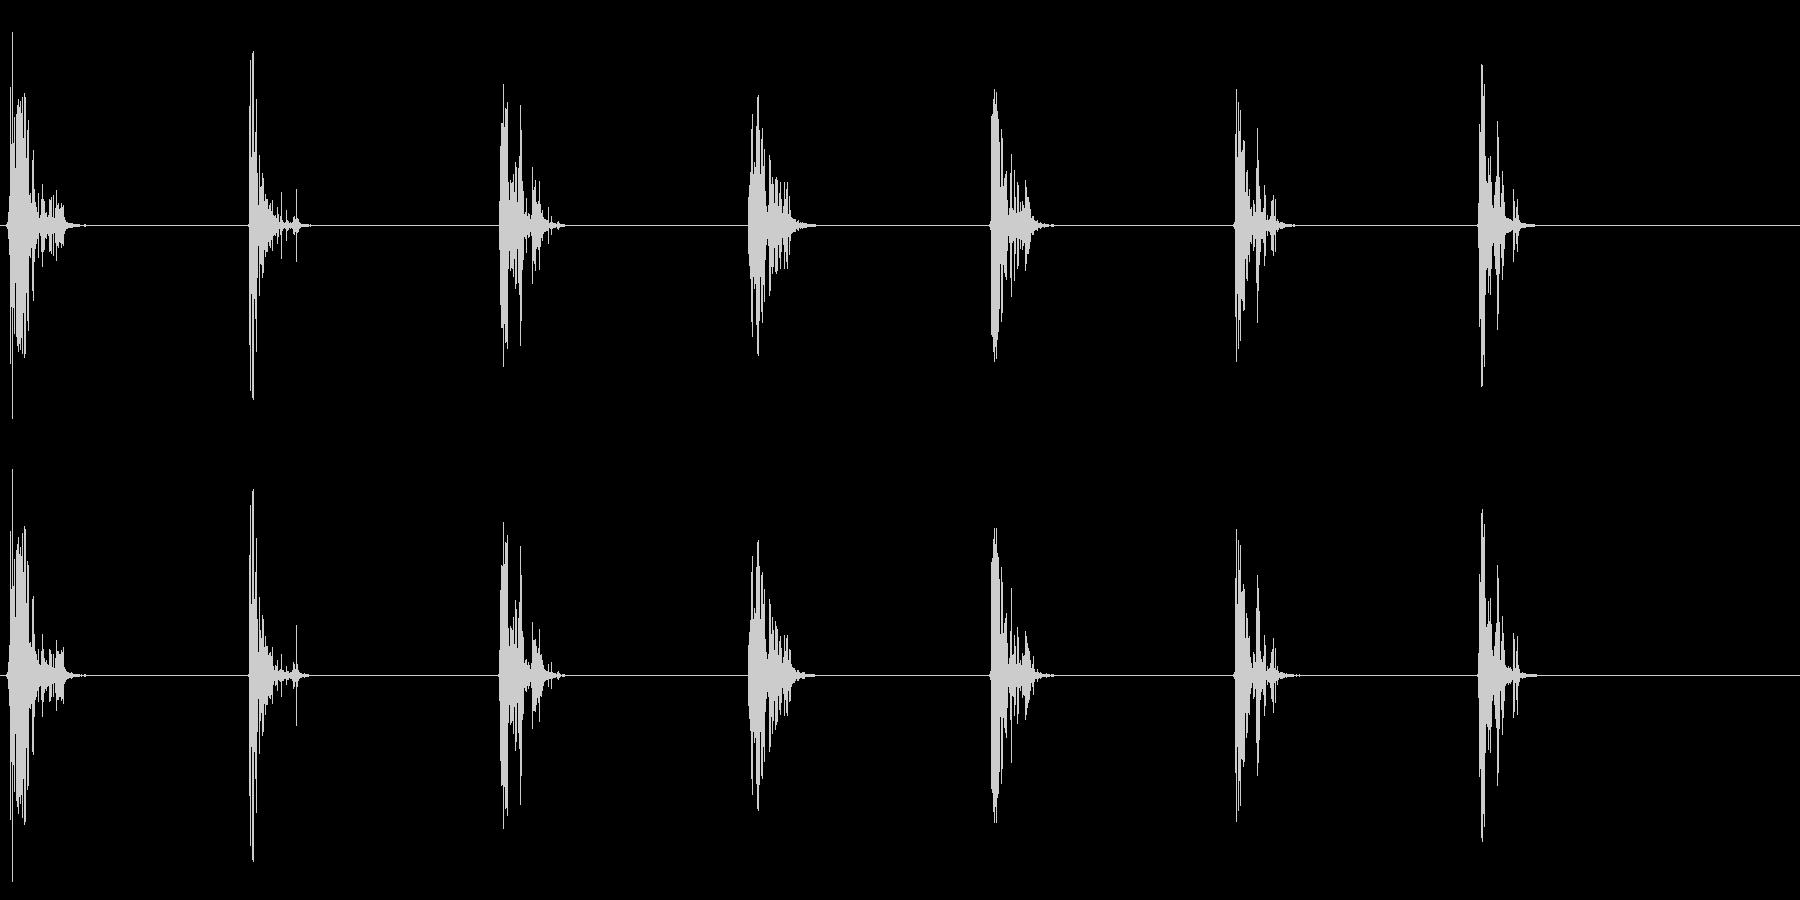 [生録音]ゴクゴクゴク…飲み込む音06の未再生の波形